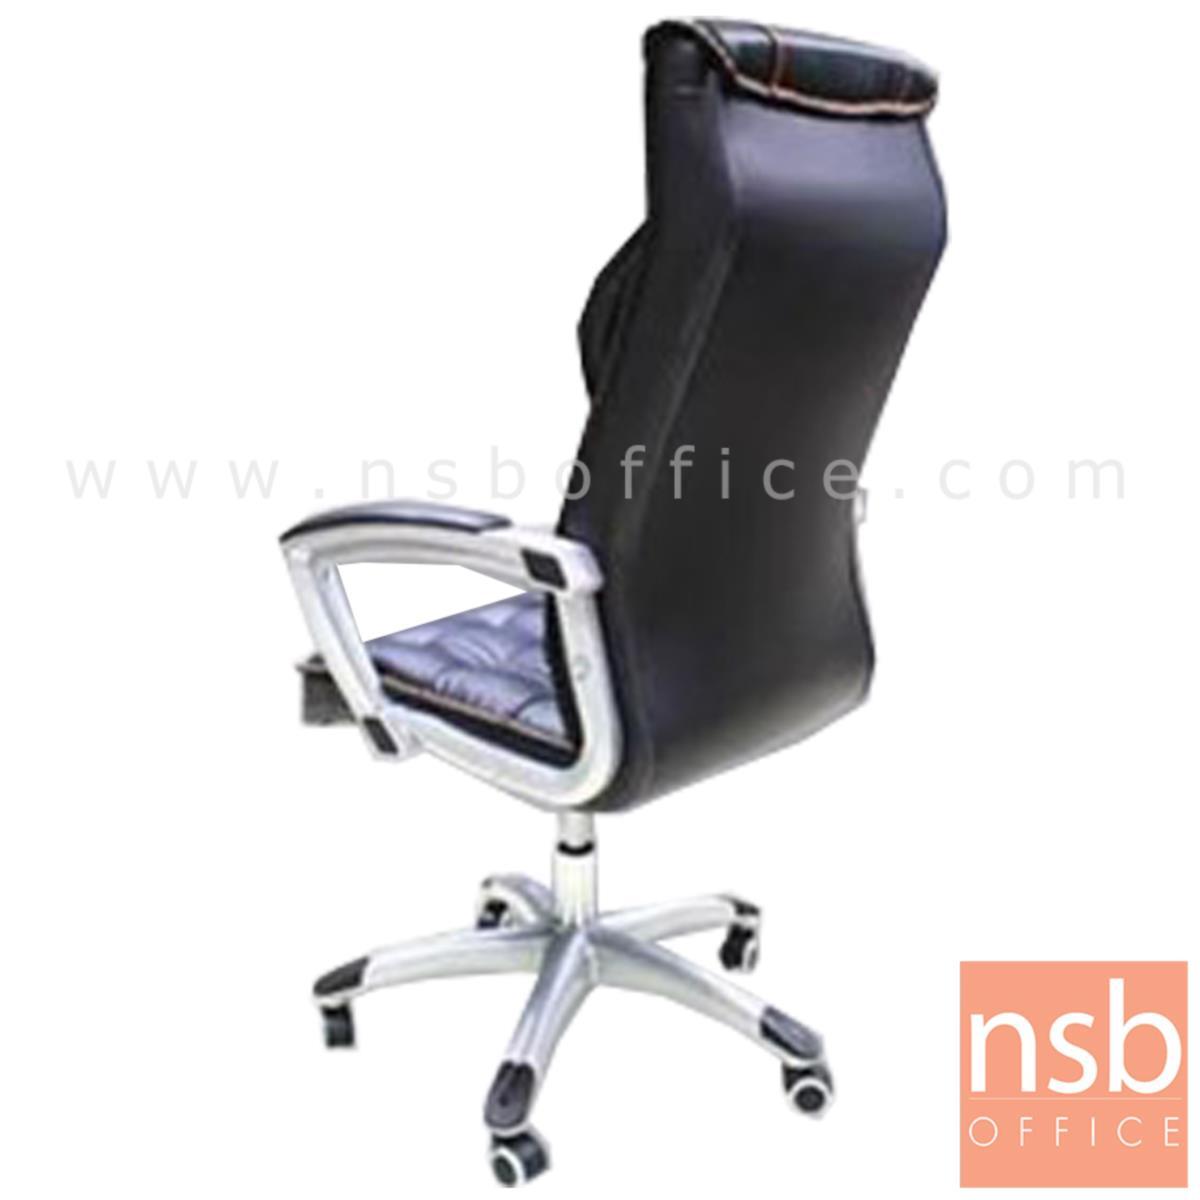 เก้าอี้สำนักงาน รุ่น BABOON (บาบูน)  ขาเหล็ก